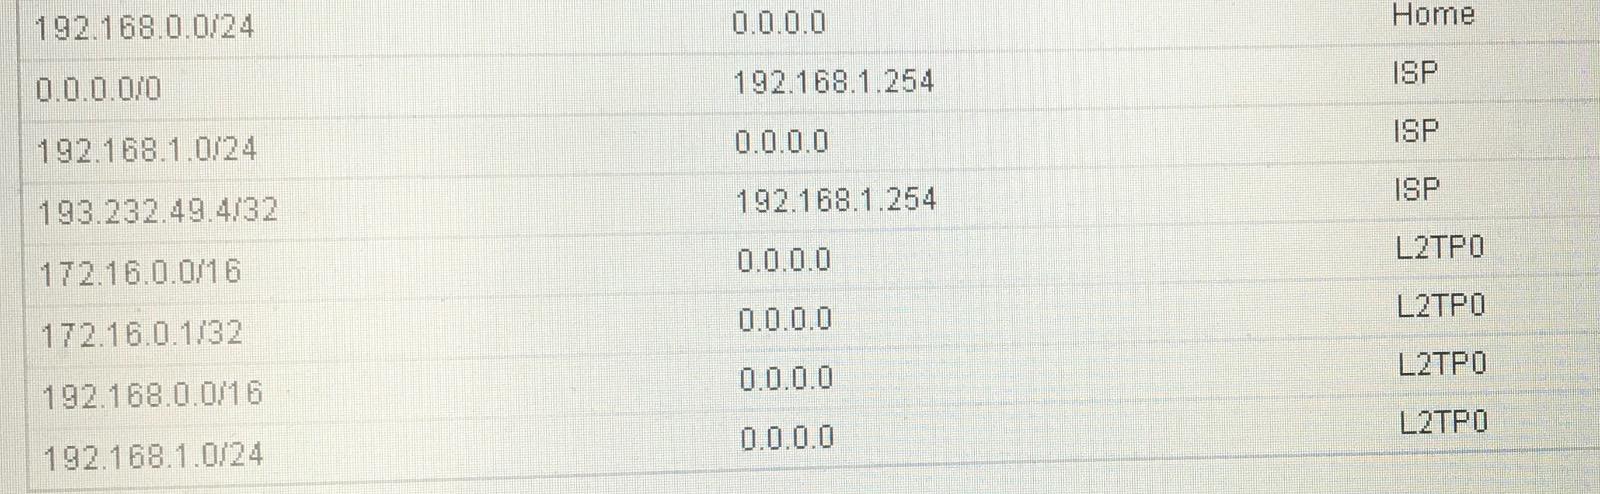 AC2F2057-08B9-4DE7-B235-E1B53393B75F.jpeg